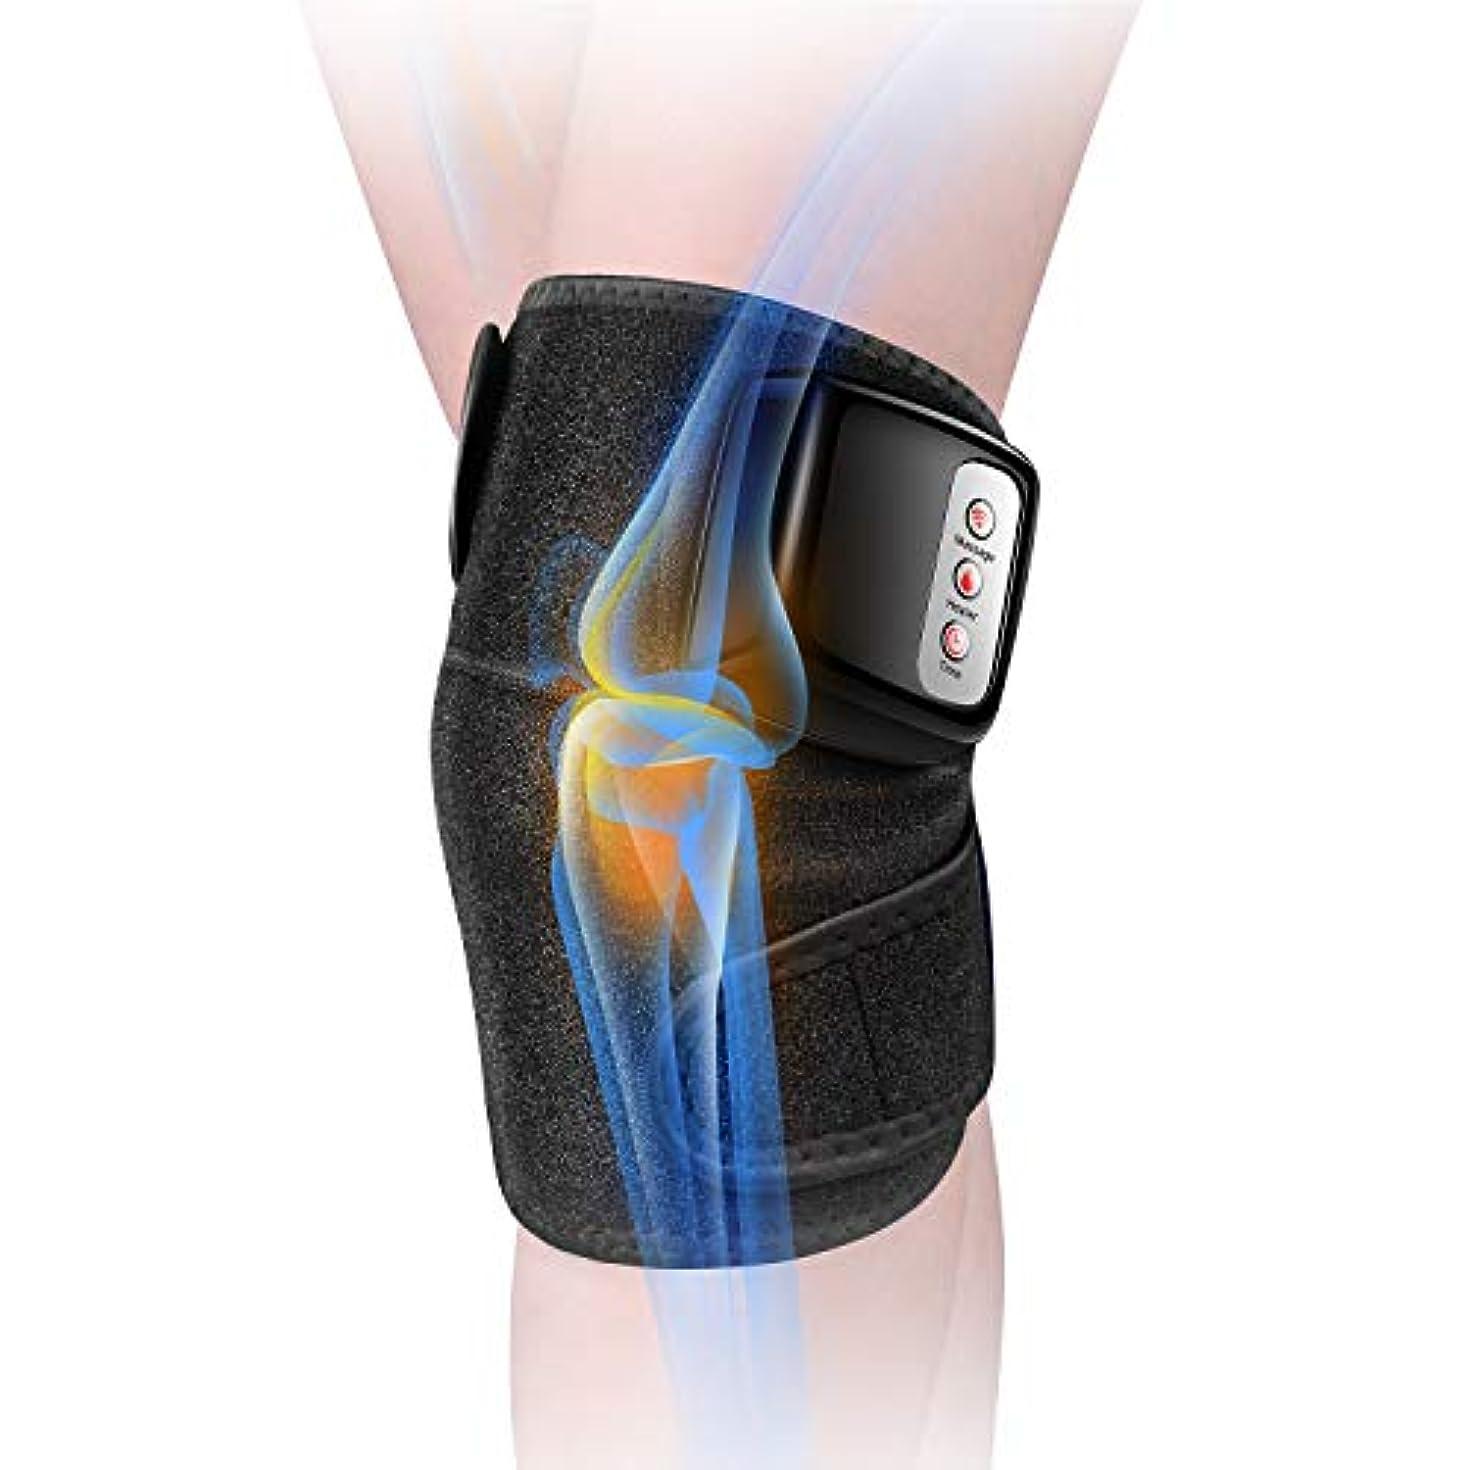 スティックスリッパチェリー膝マッサージャー 関節マッサージャー マッサージ器 フットマッサージャー 振動 赤外線療法 温熱療法 膝サポーター ストレス解消 肩 太もも/腕対応